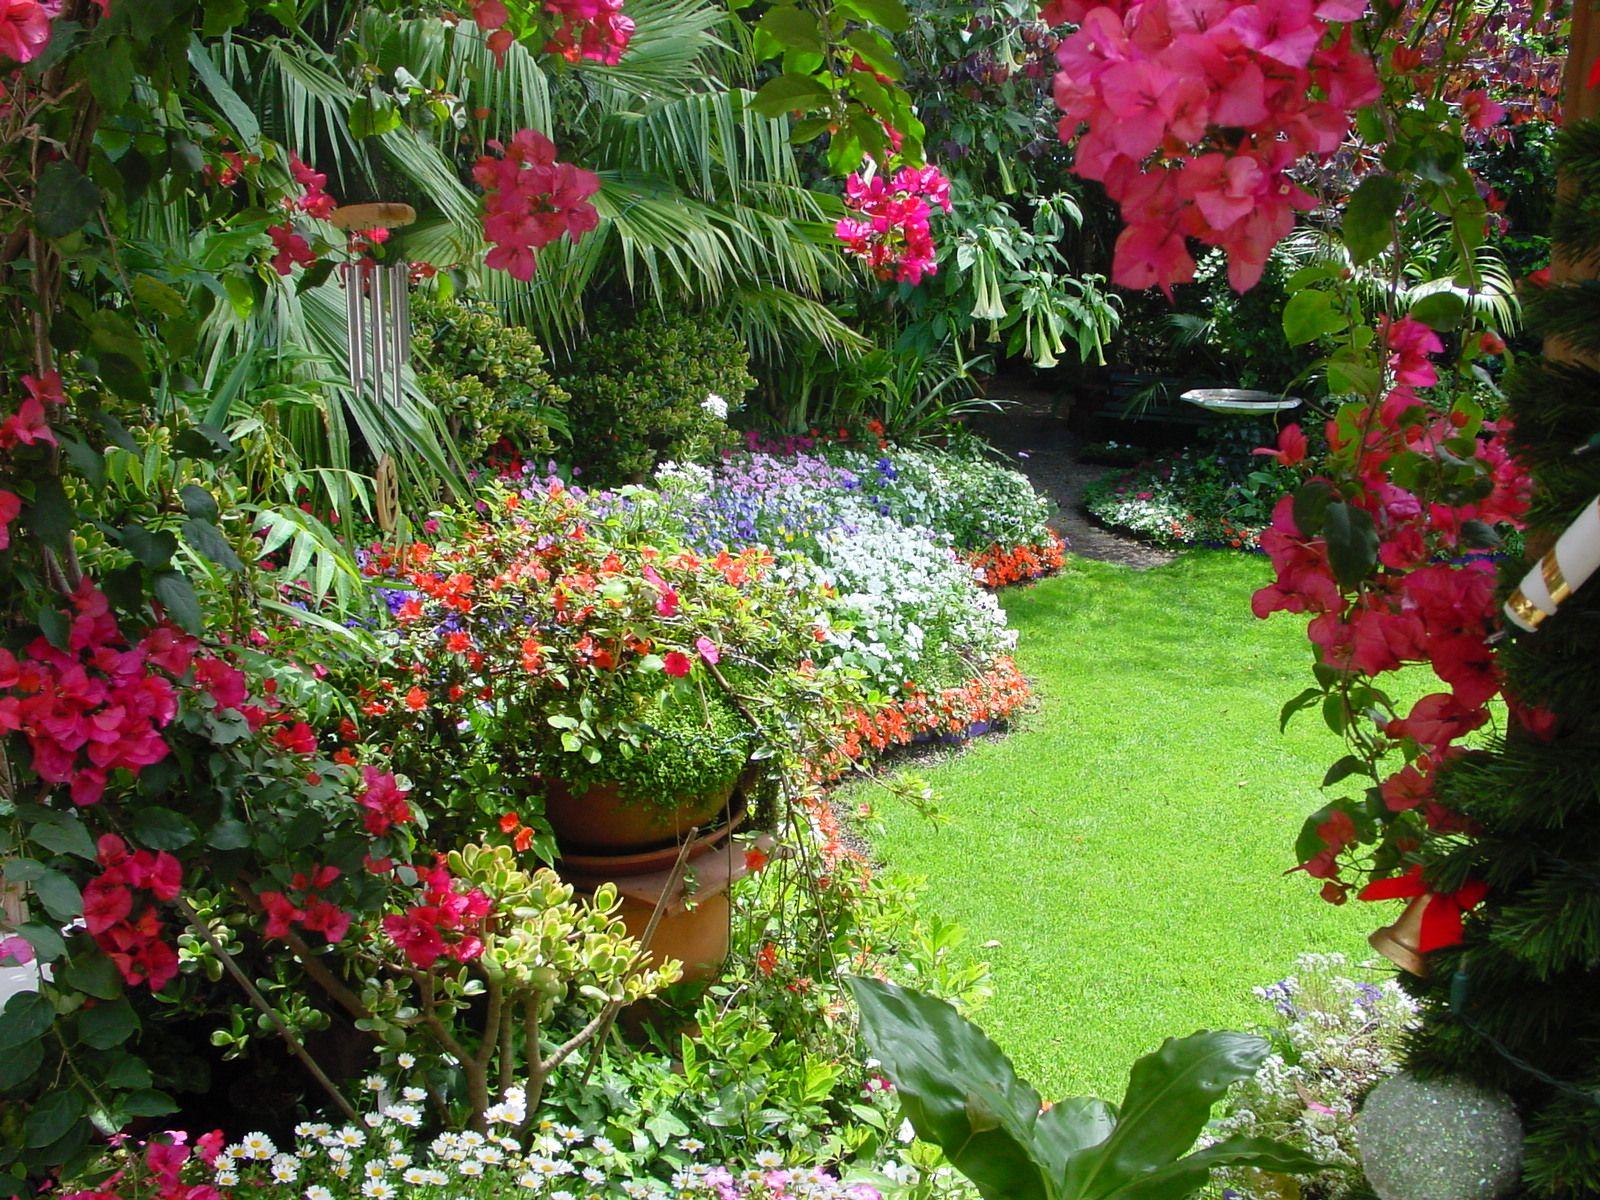 Paradise garden quarter acre paradise gardens quarter for How to make a beautiful garden